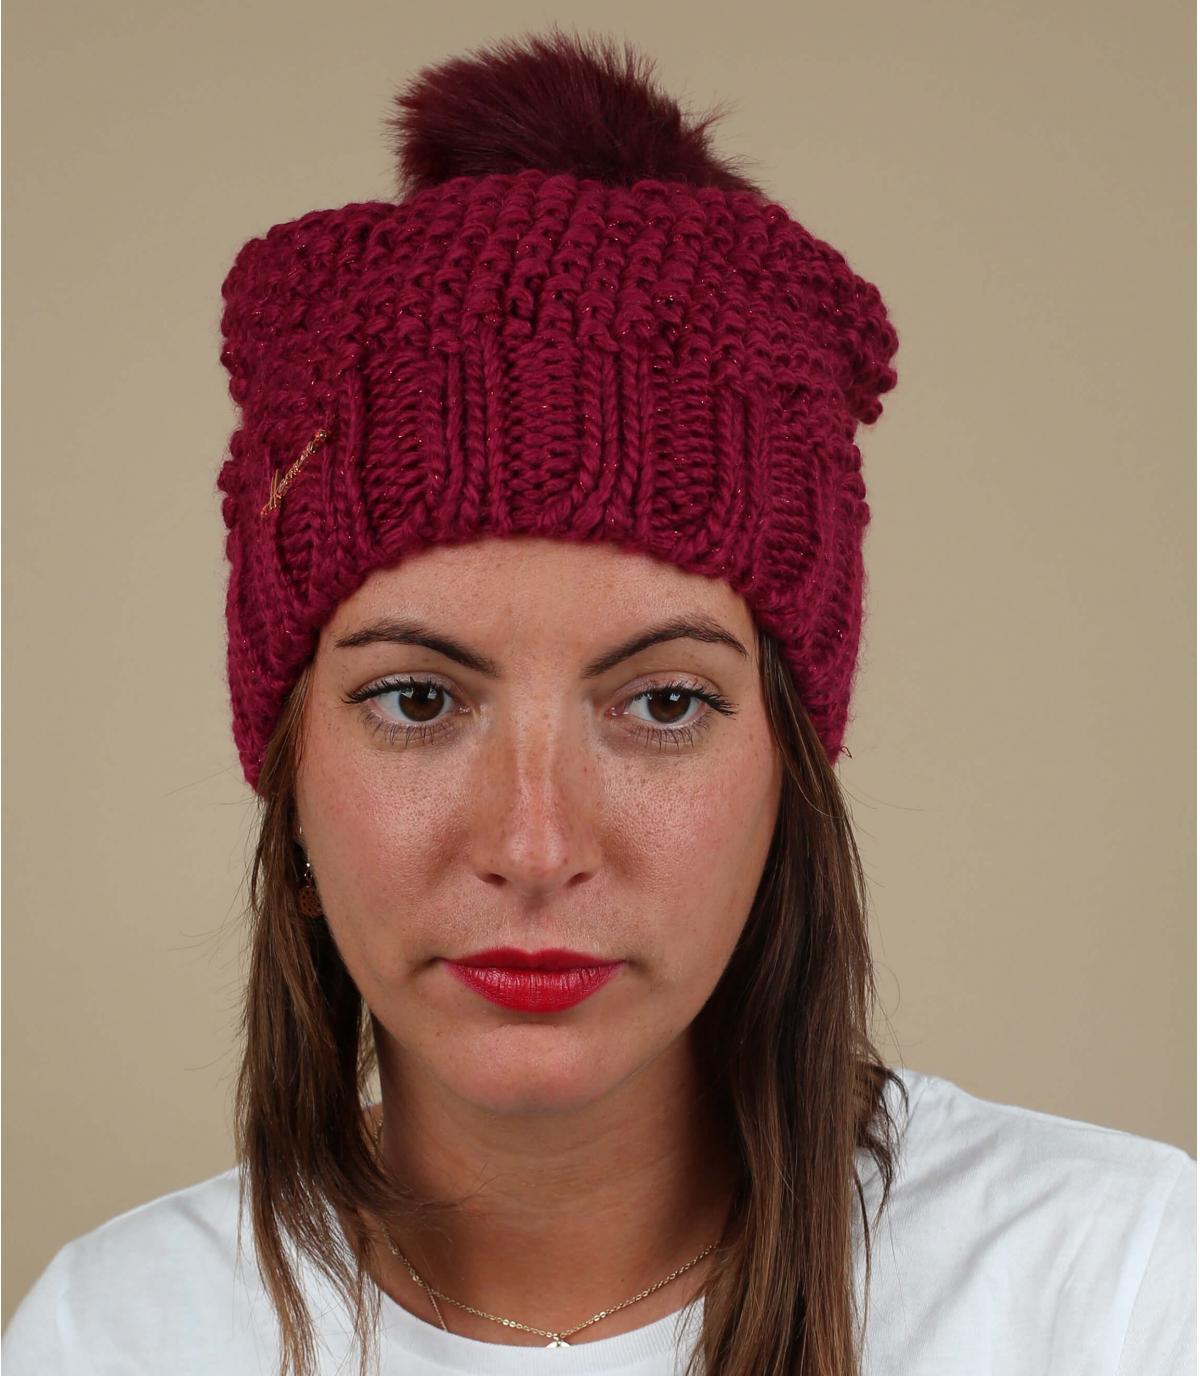 roze pompom hoed vrouw